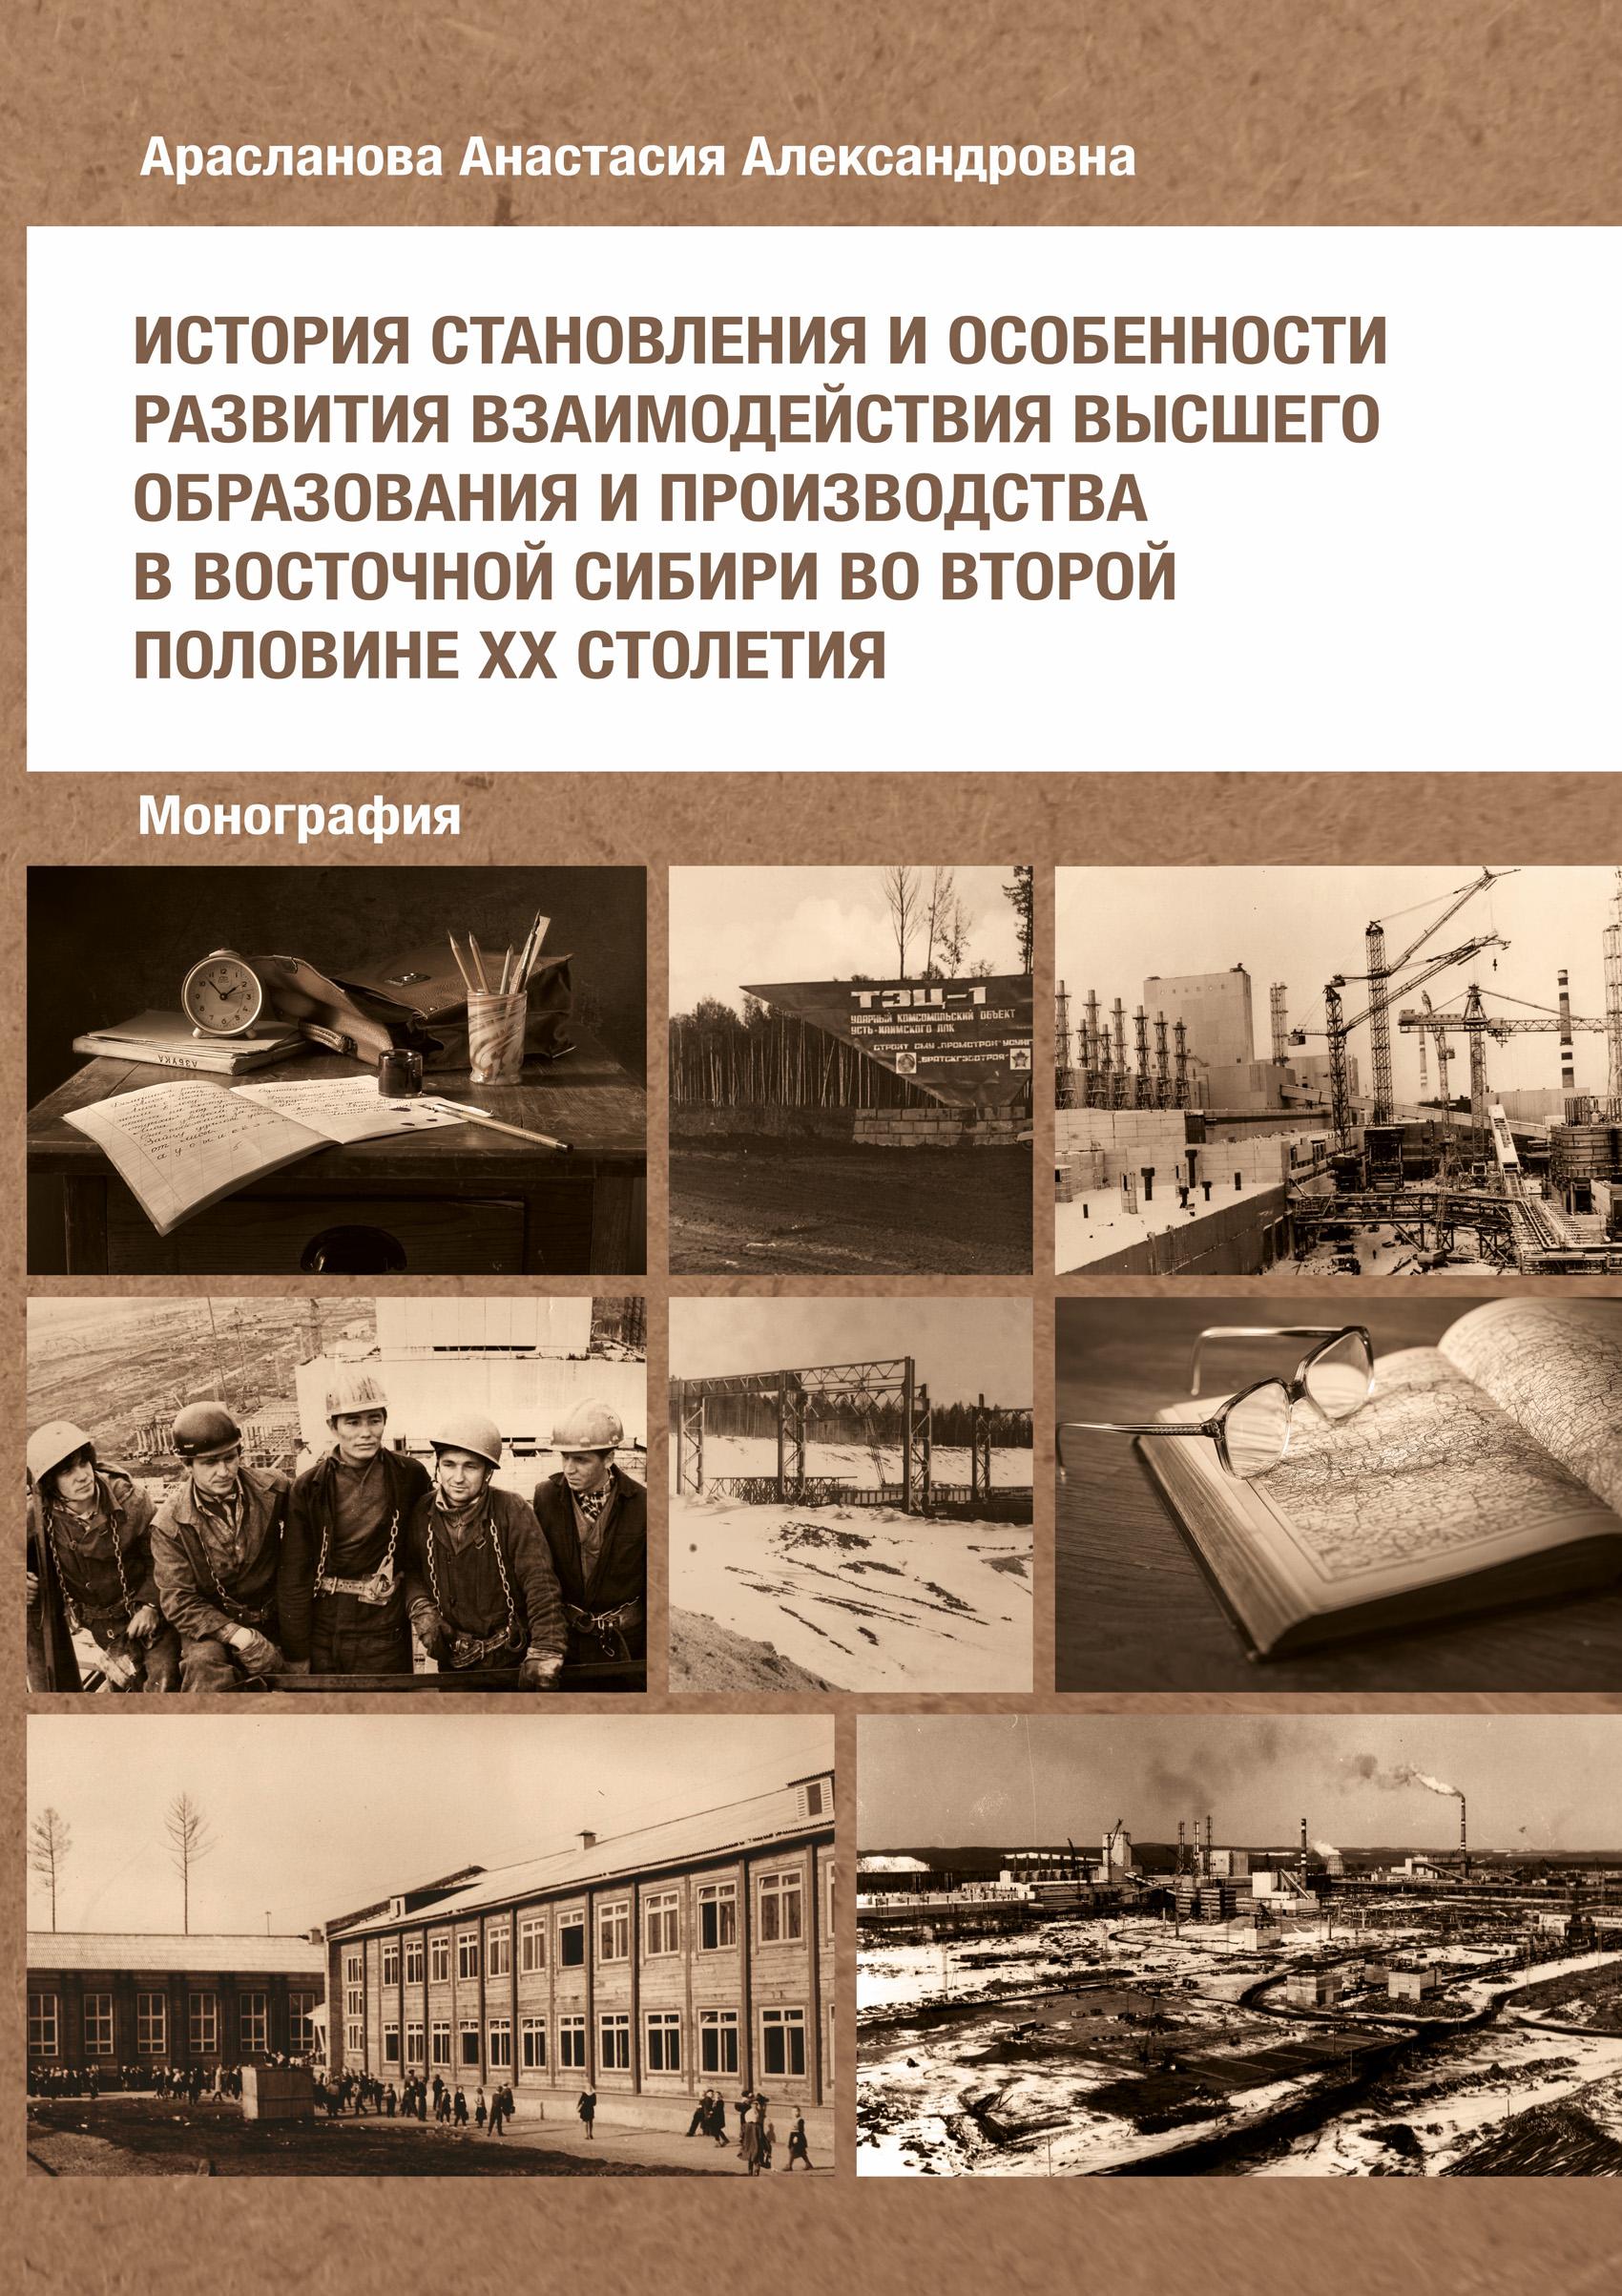 Обложка книги. Автор - Анастасия Арасланова